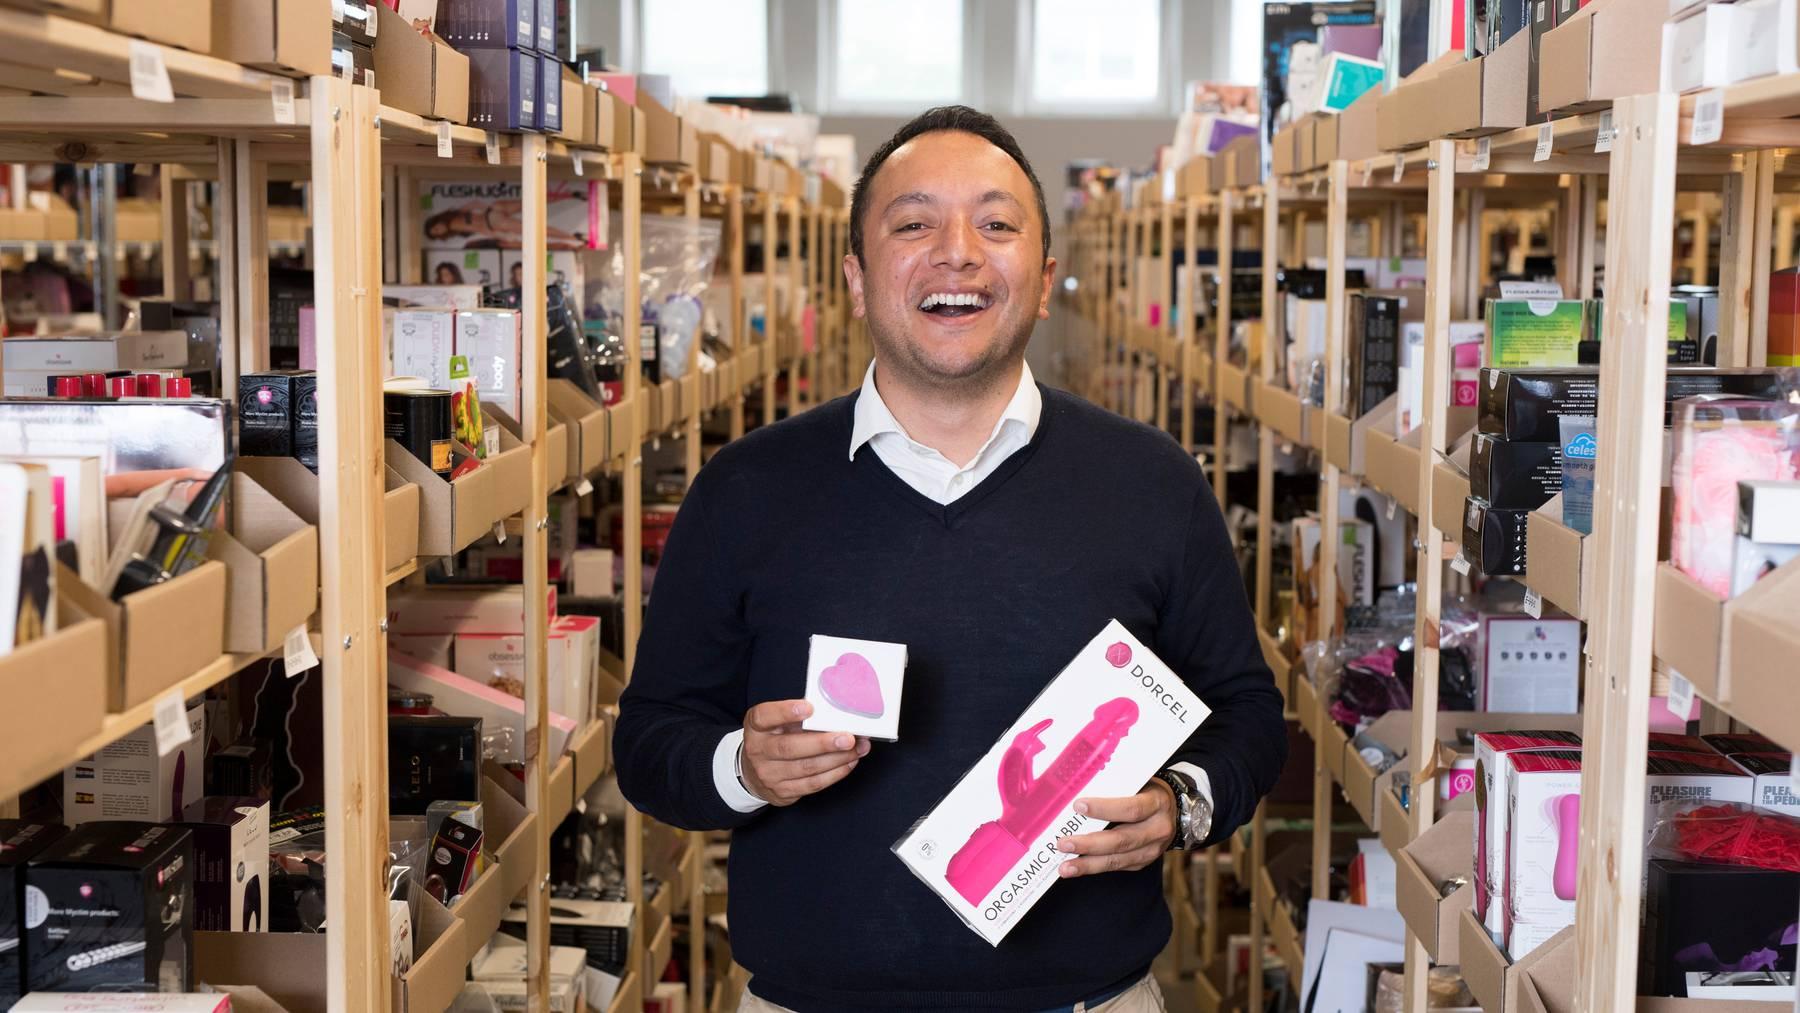 Alan Frei ist Mitbegründer und Co-Geschäftsführer des Schweizer Sextox-Onlinehändlers amorana.ch.